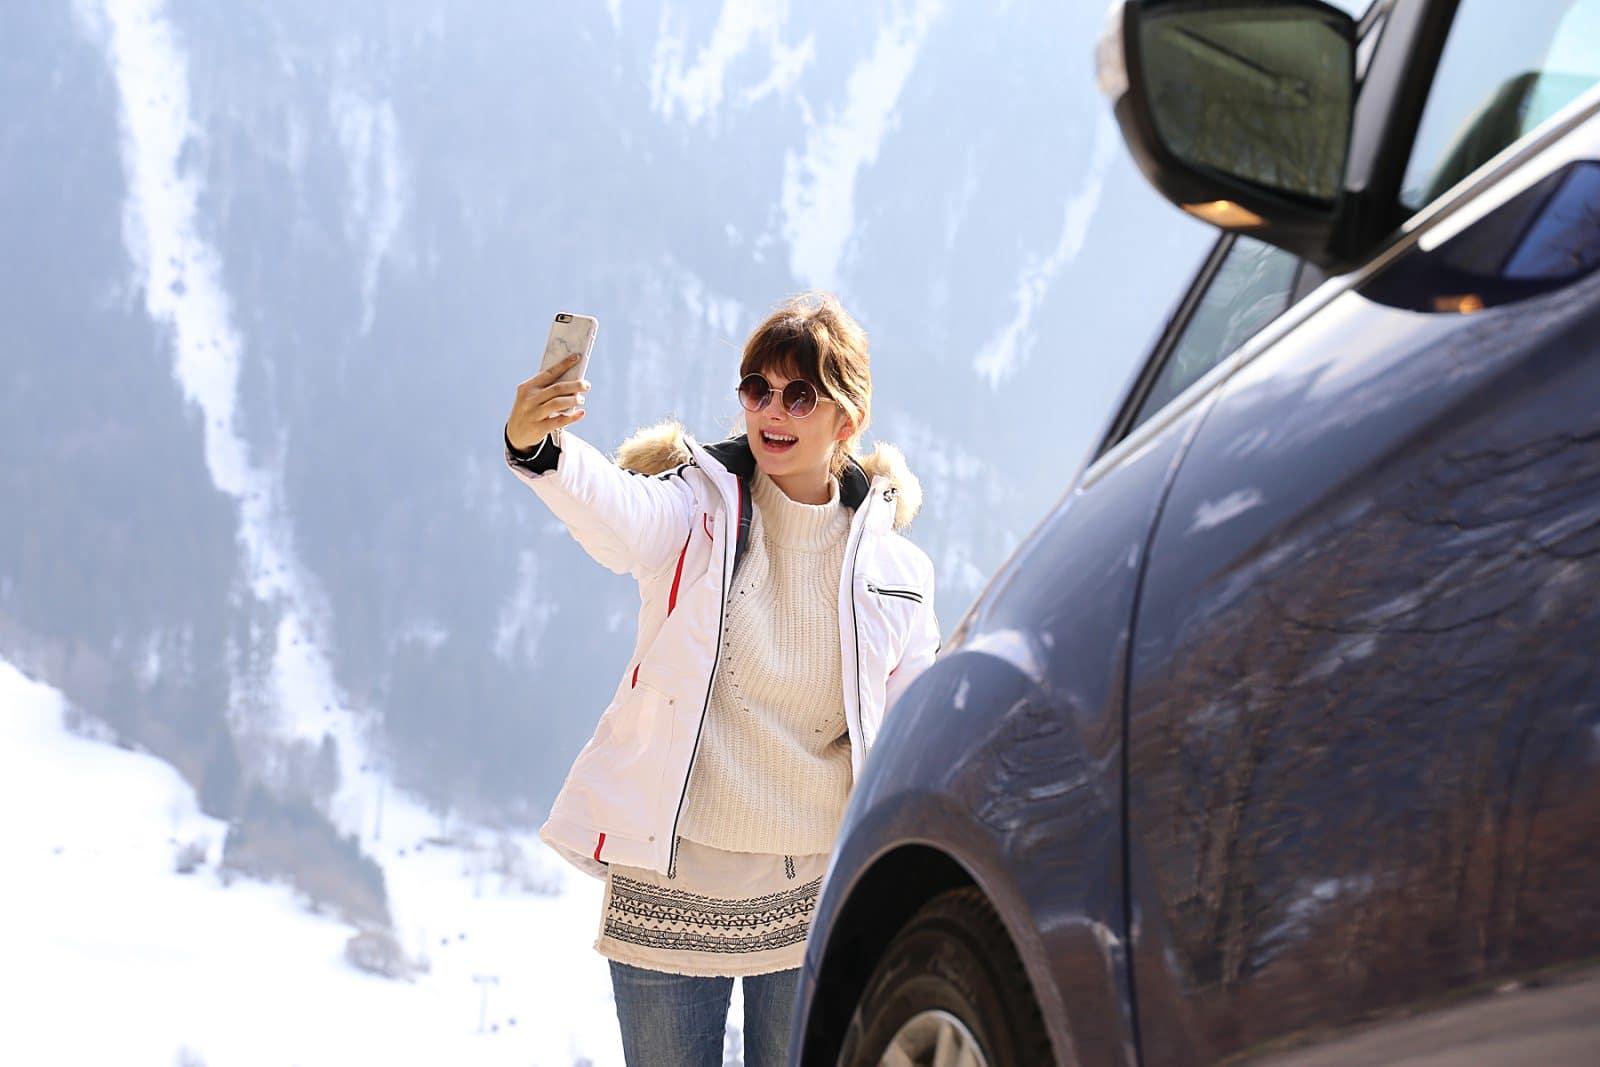 Reisebericht – Winterurlaub im Bregenzerwald mit Ford